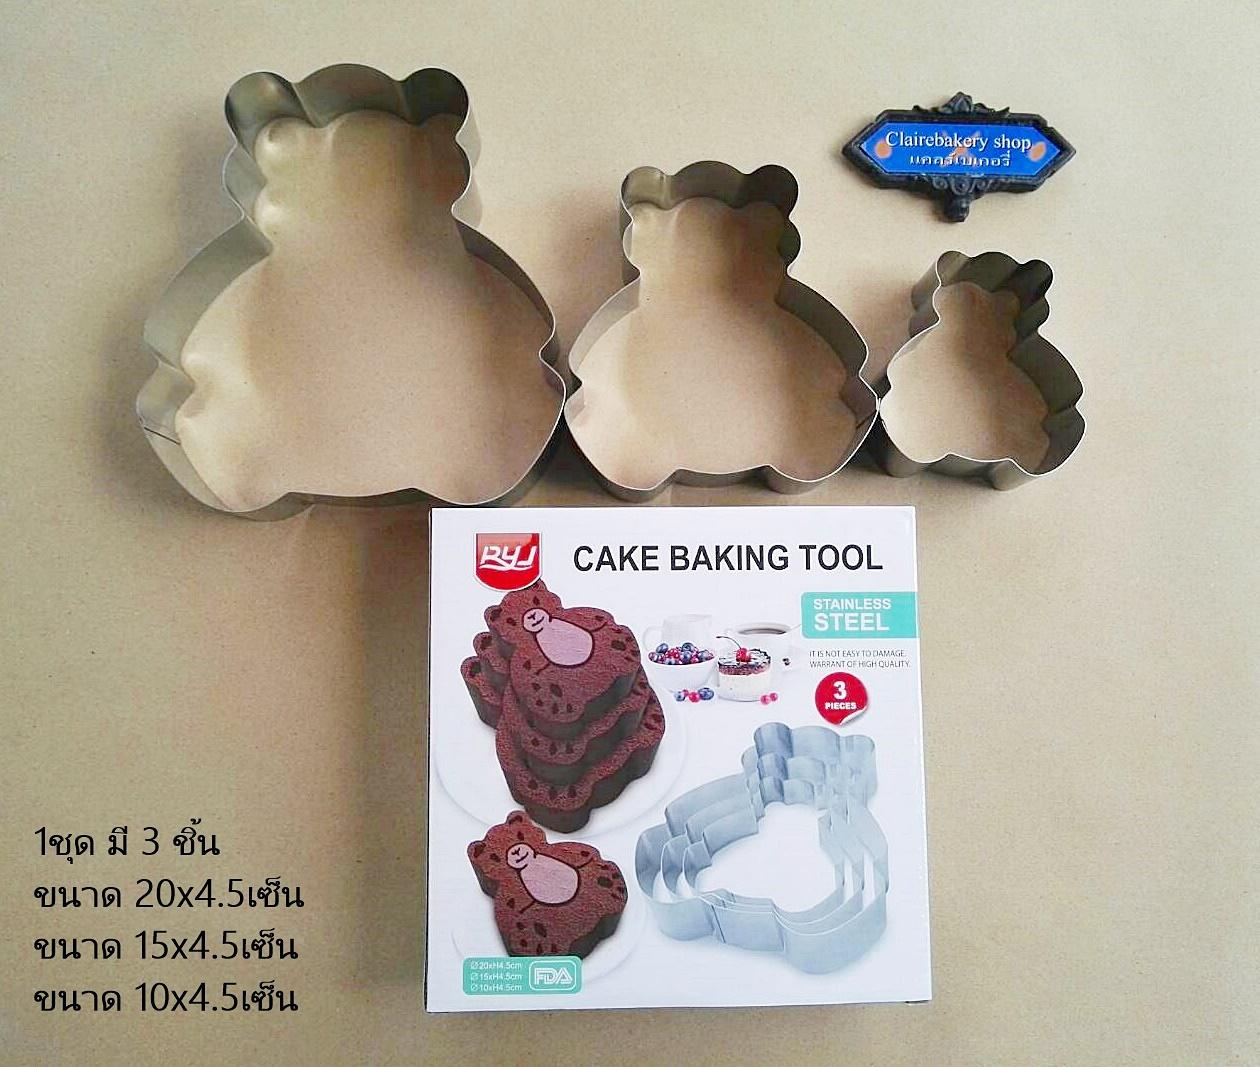 พิมพ์เค้กหมีสามตัว(ราคานี้เฉพาะลูกรค้าสั่งเองที่เว็บที่นีี่เท่านั้นค่ะ)